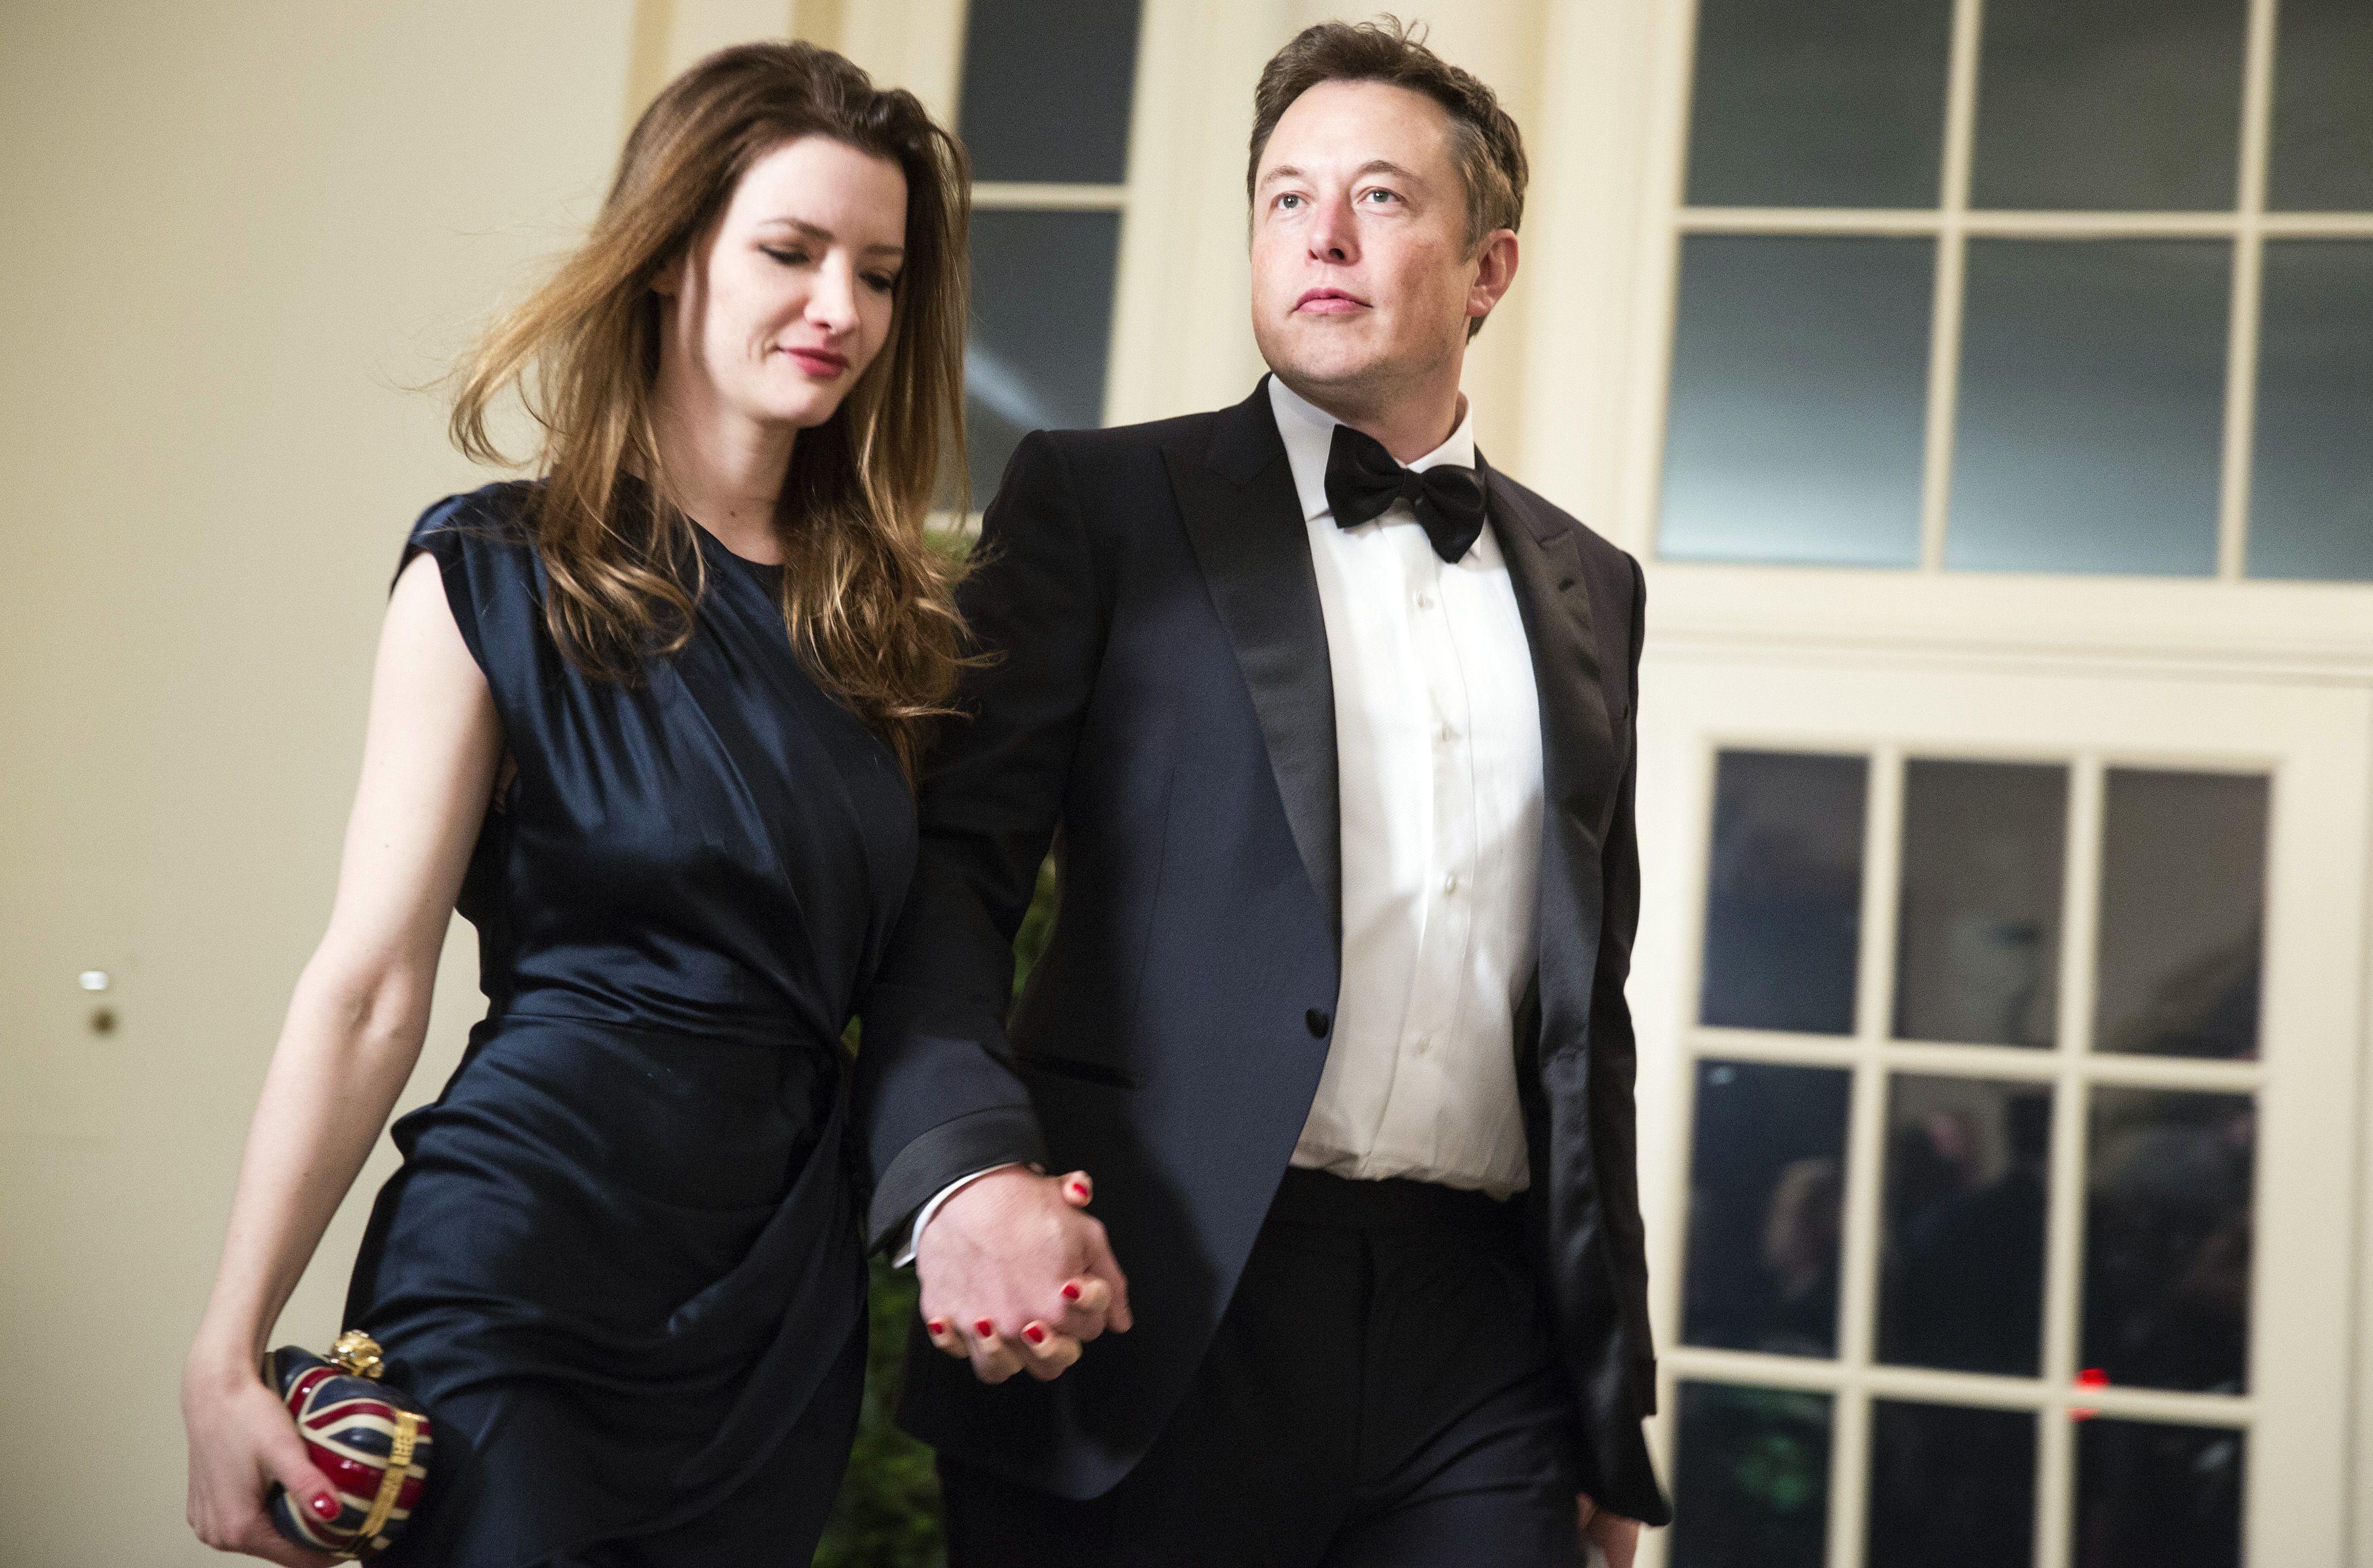 อีลอน มัสก์ ภรรยา อีลอน มัสก์ ความรัก อีลอน มัสก์ ธุรกิจของ อีลอน มัสก์ นิสัย พฤติกรรม